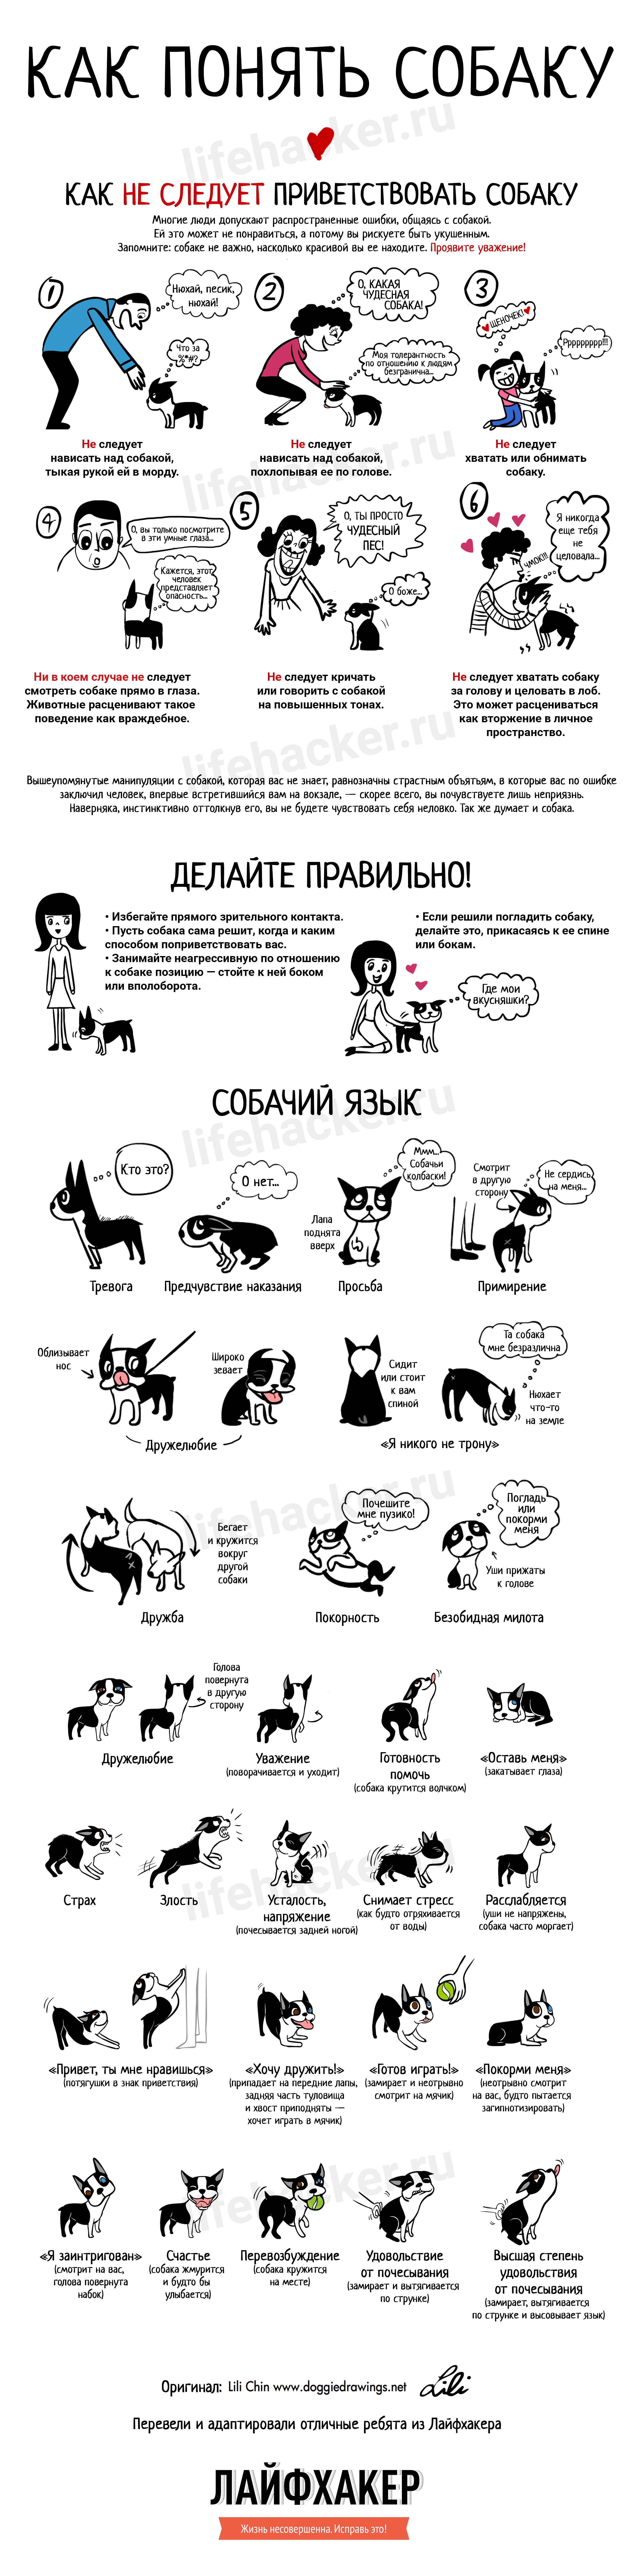 Как понять собаку. Собачий язык